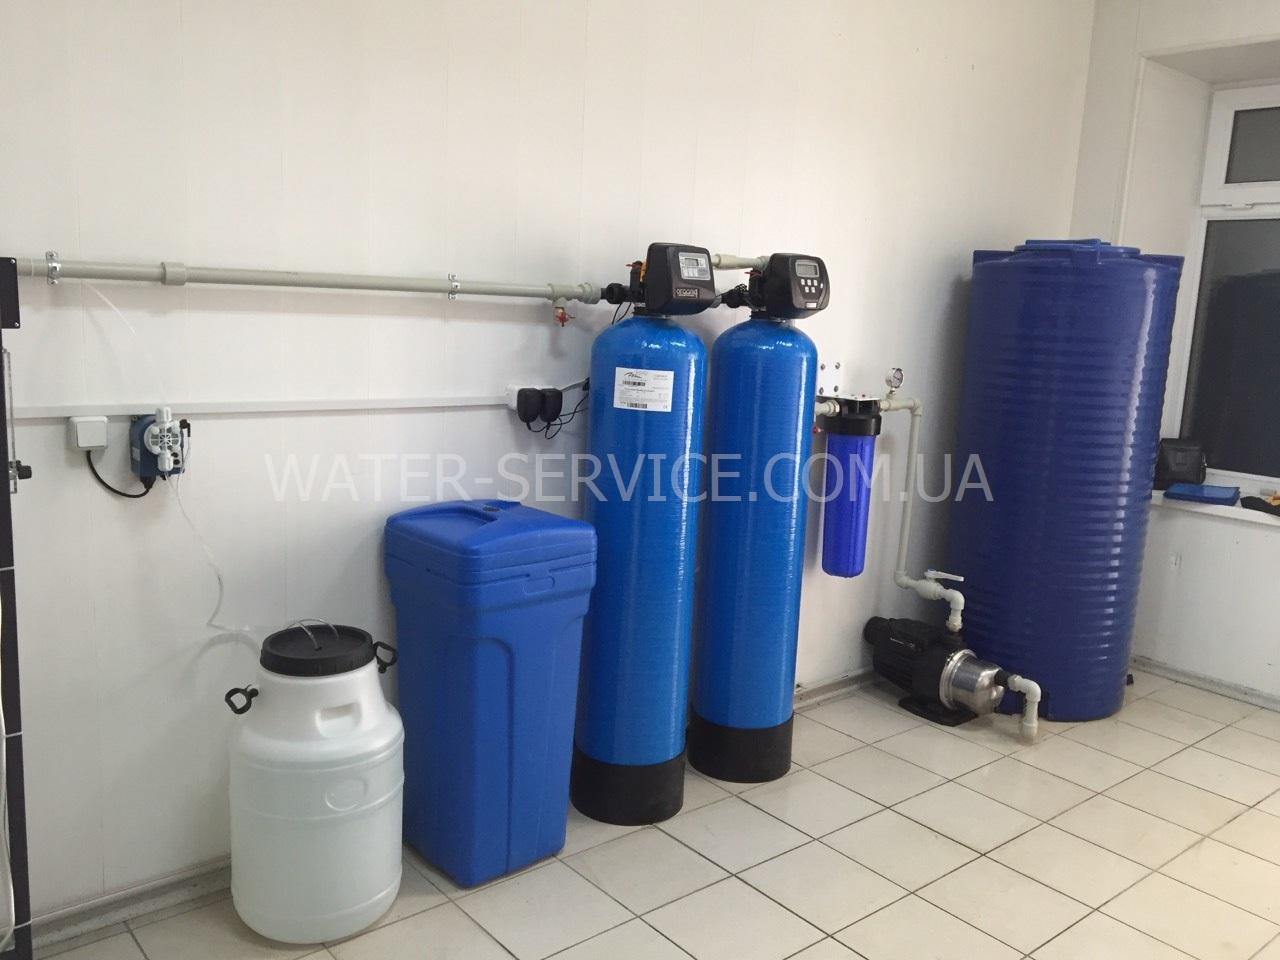 Цех производства питьевой воды на доставку